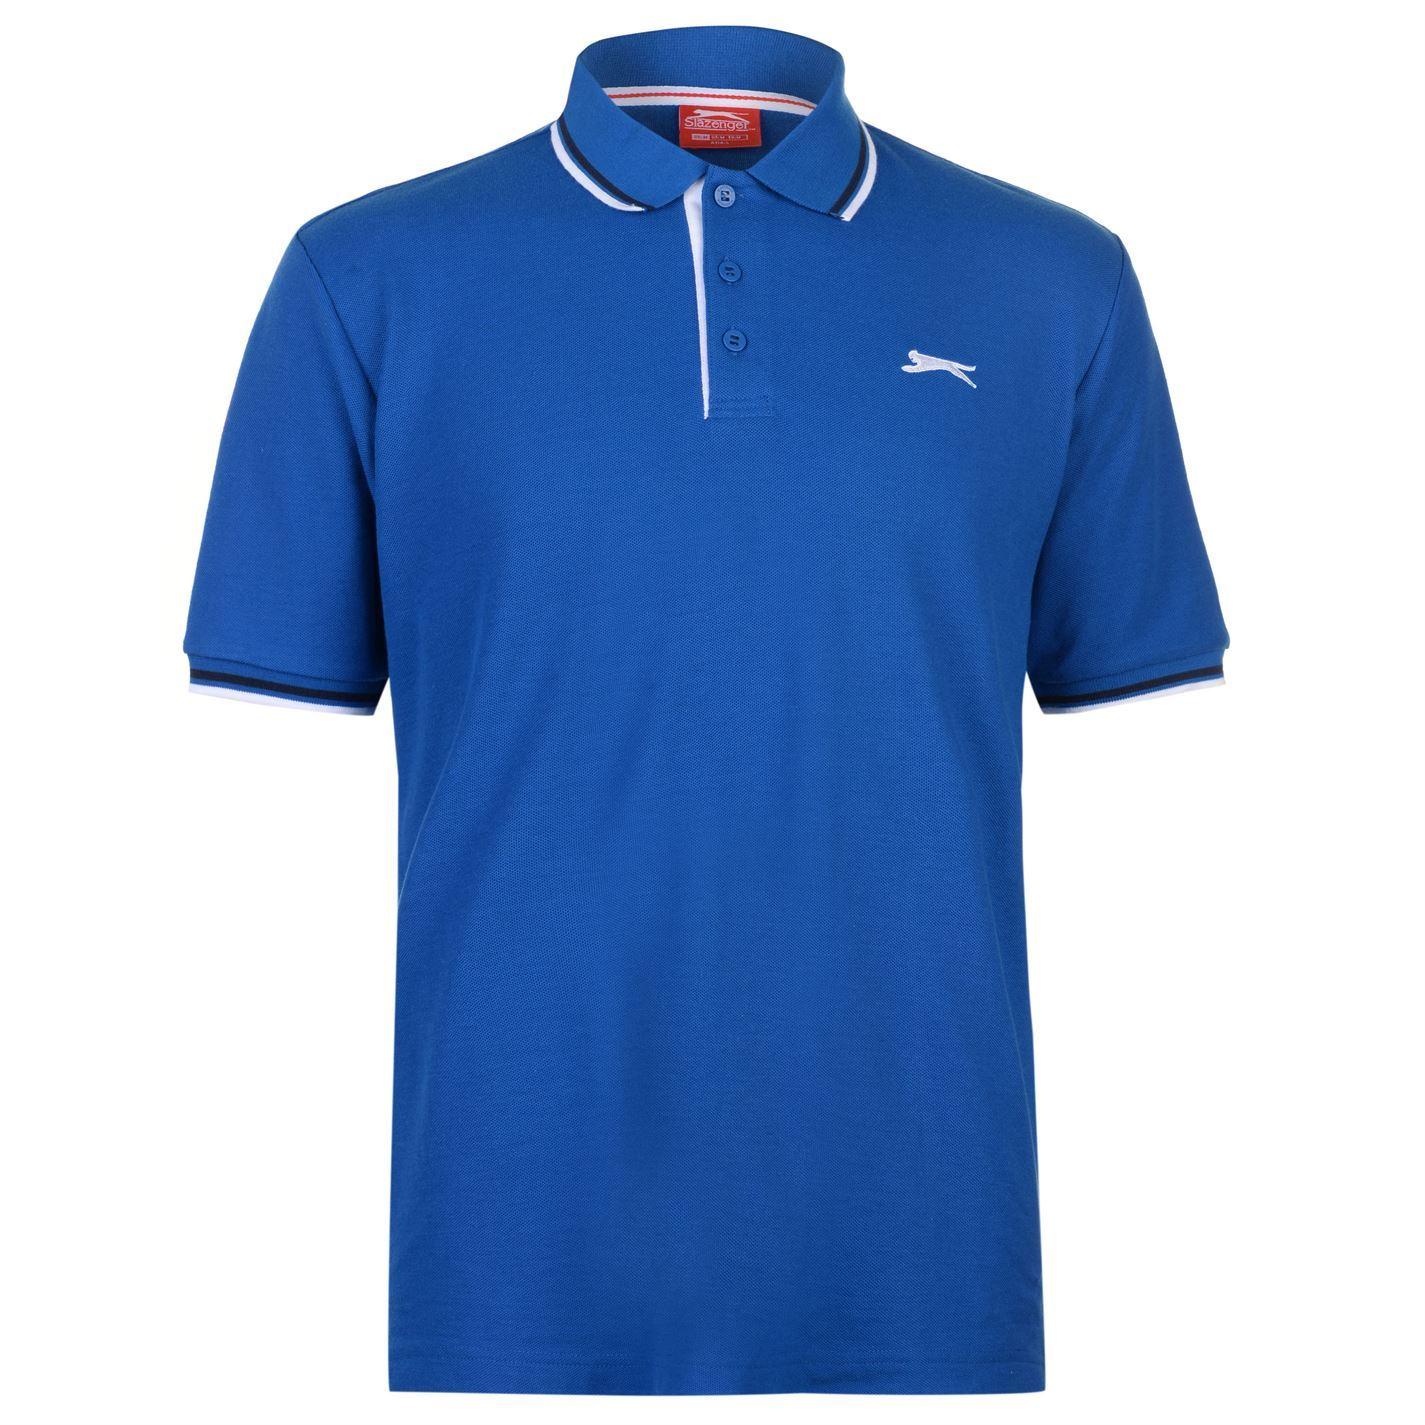 Slazenger-Polo-Camisa-de-hombre-con-cuello-con-Punta-T-Shirt-Top-Camiseta-Tee miniatura 16